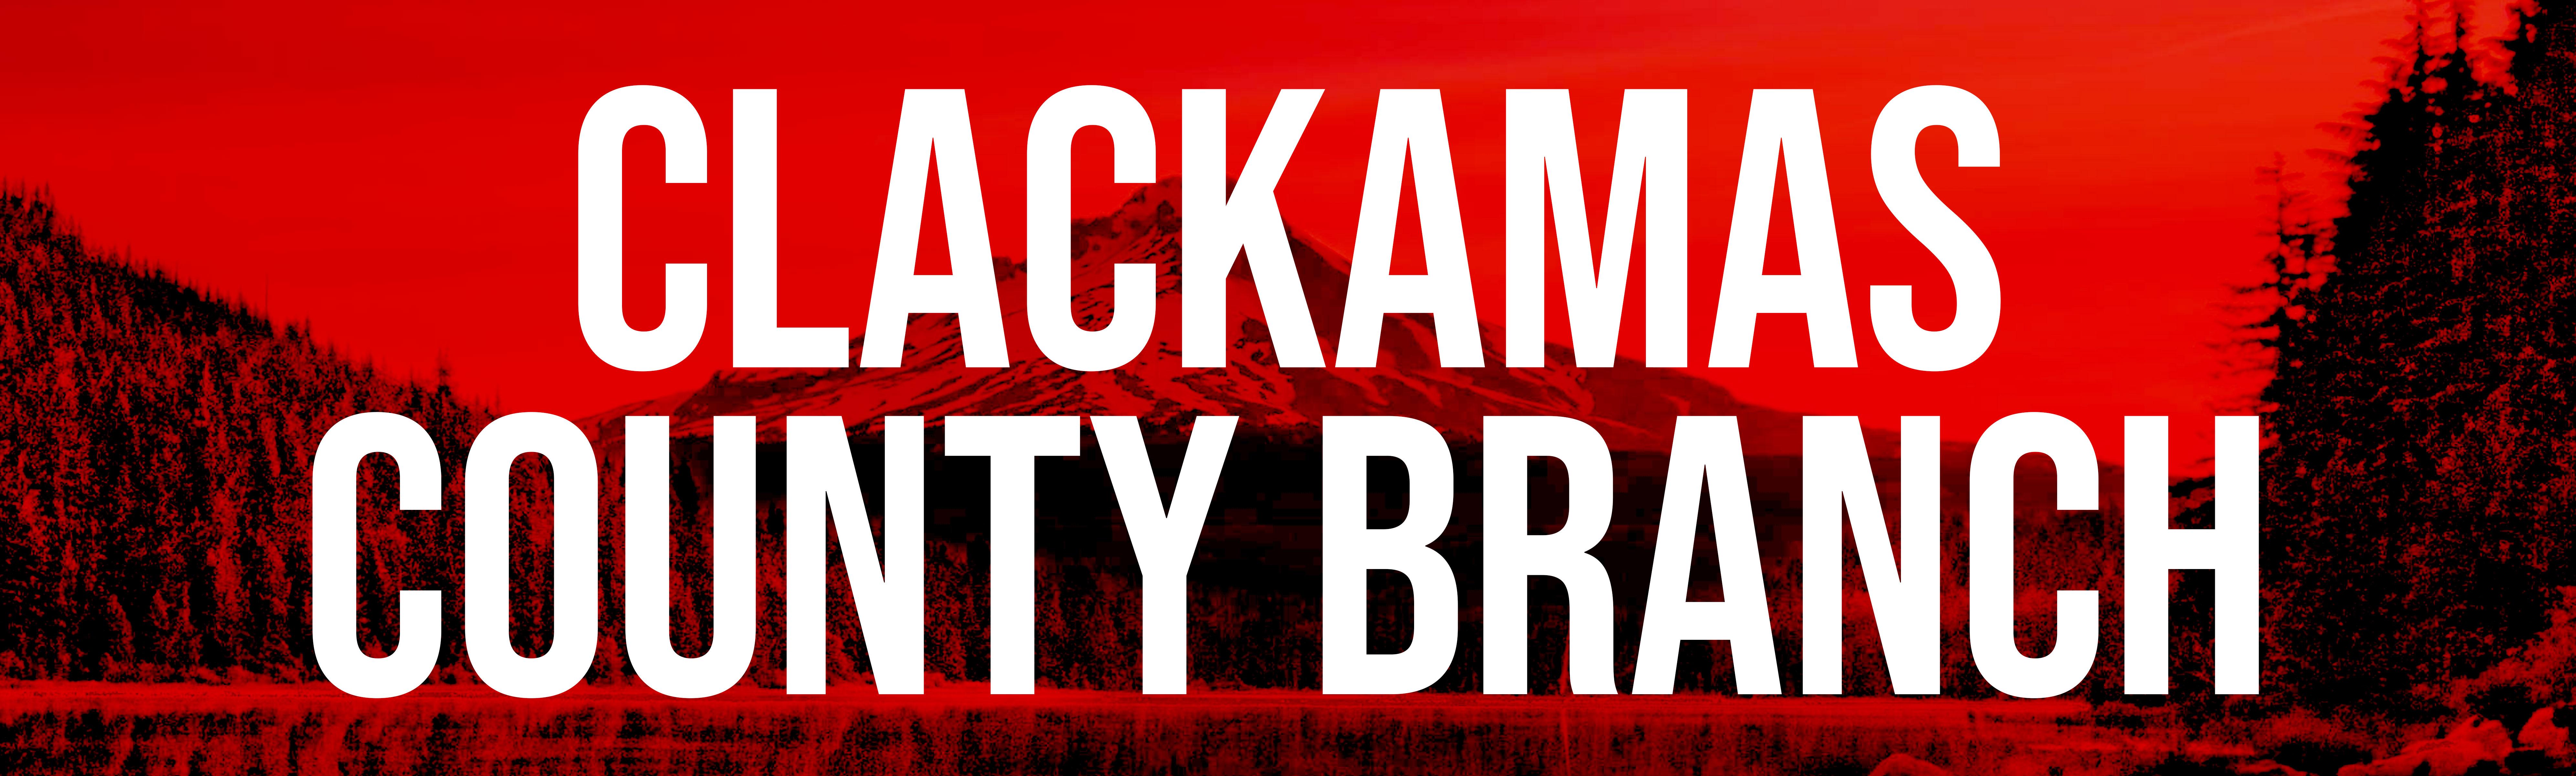 Clackamas County Branch